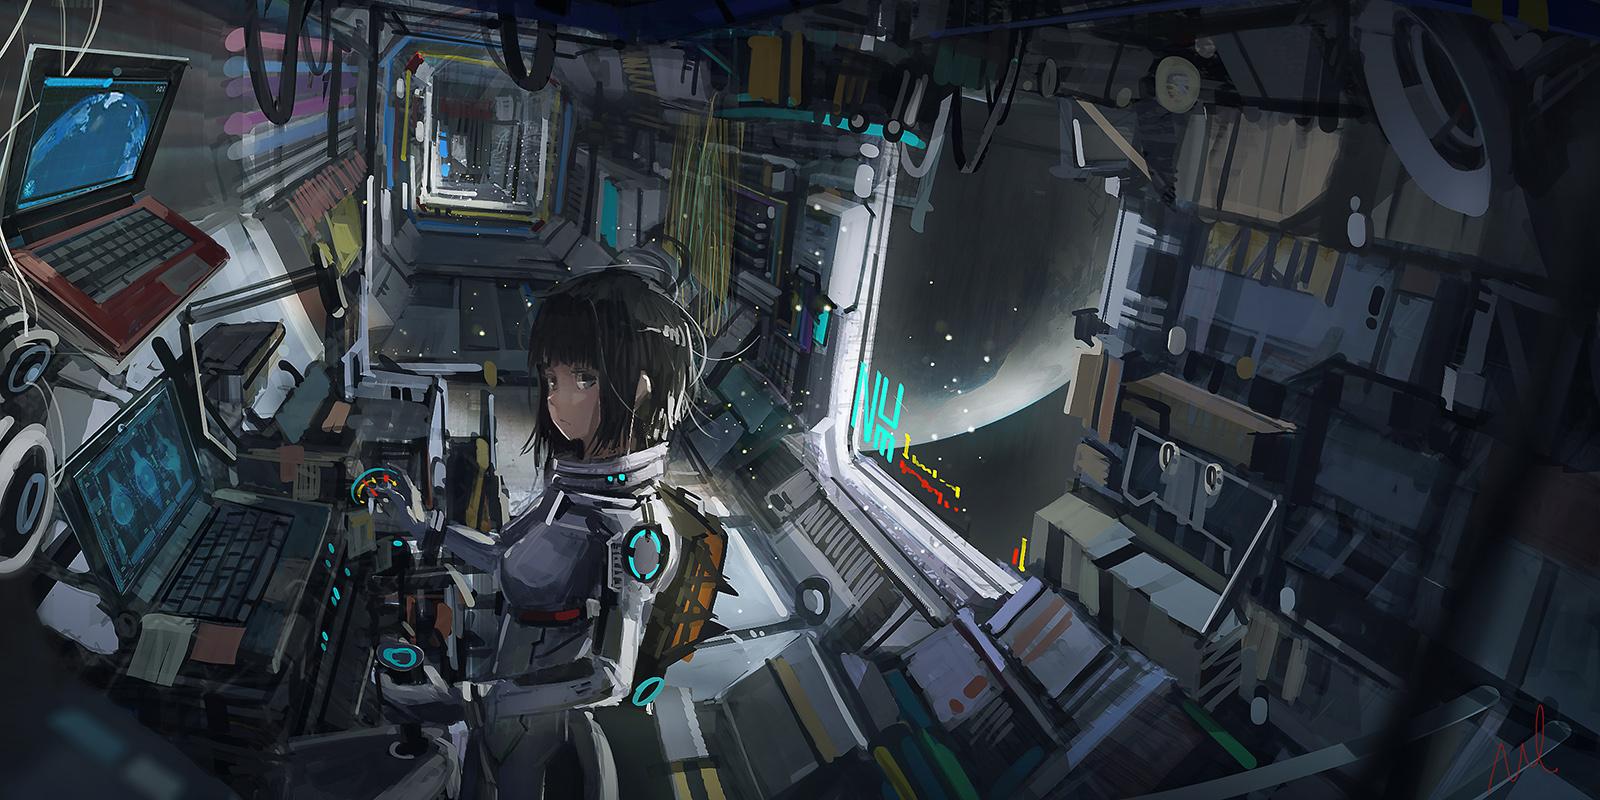 Gamer Girl Spaceship Wallpaper Wallpaper Anime Girls Digital Art Artwork Science